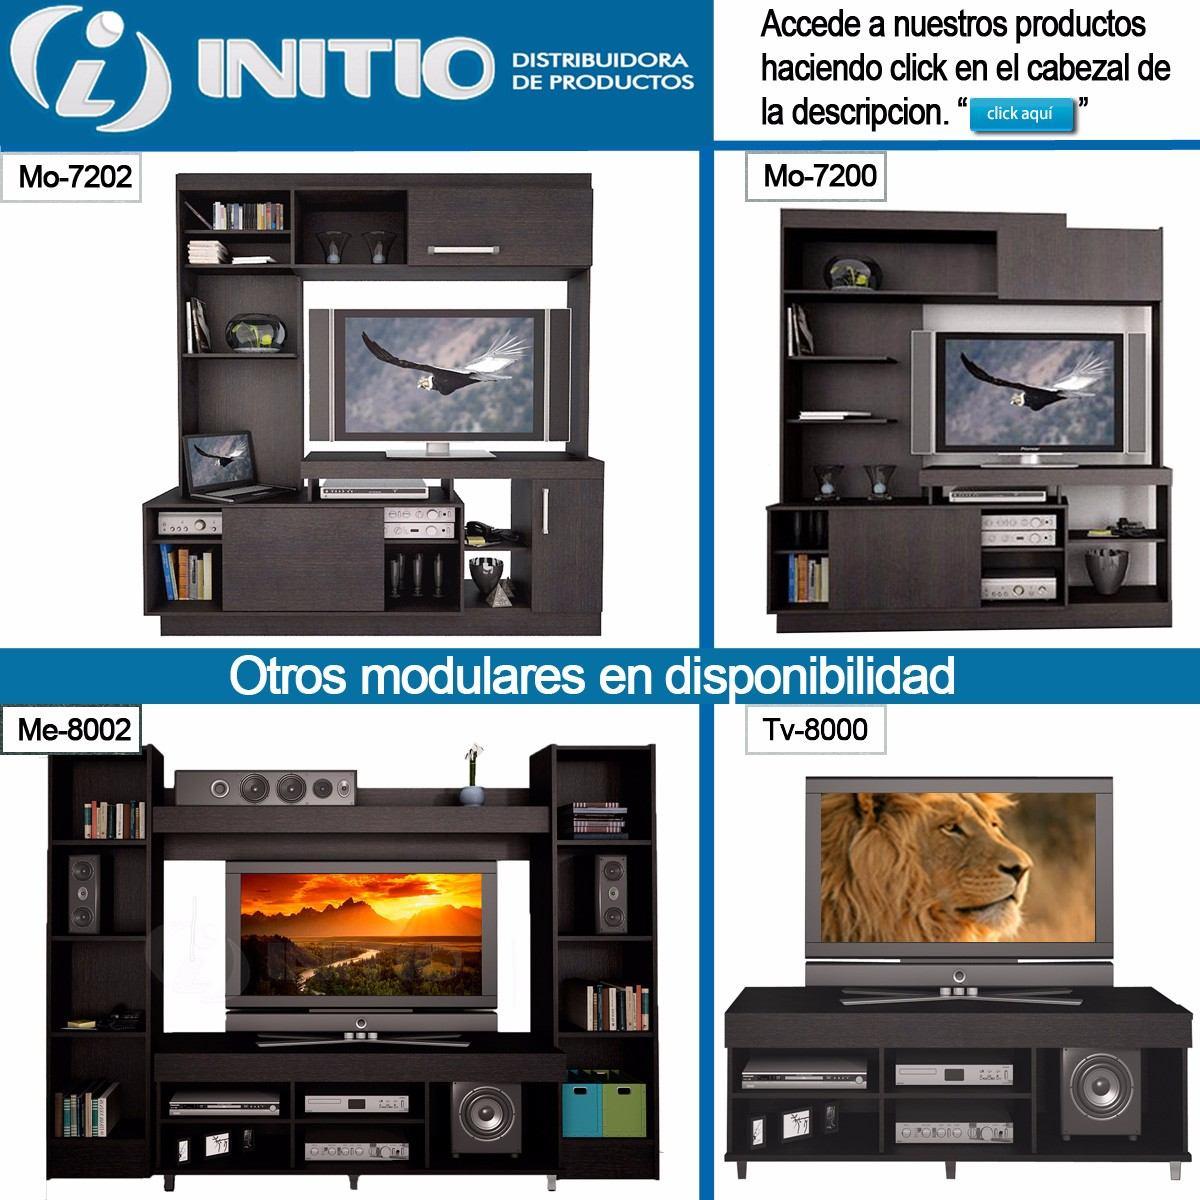 Modular Rack Mesa Tv Lcd Led Mueble 42 47 50 Fiplasto 7202  # Muebles Fiplasto